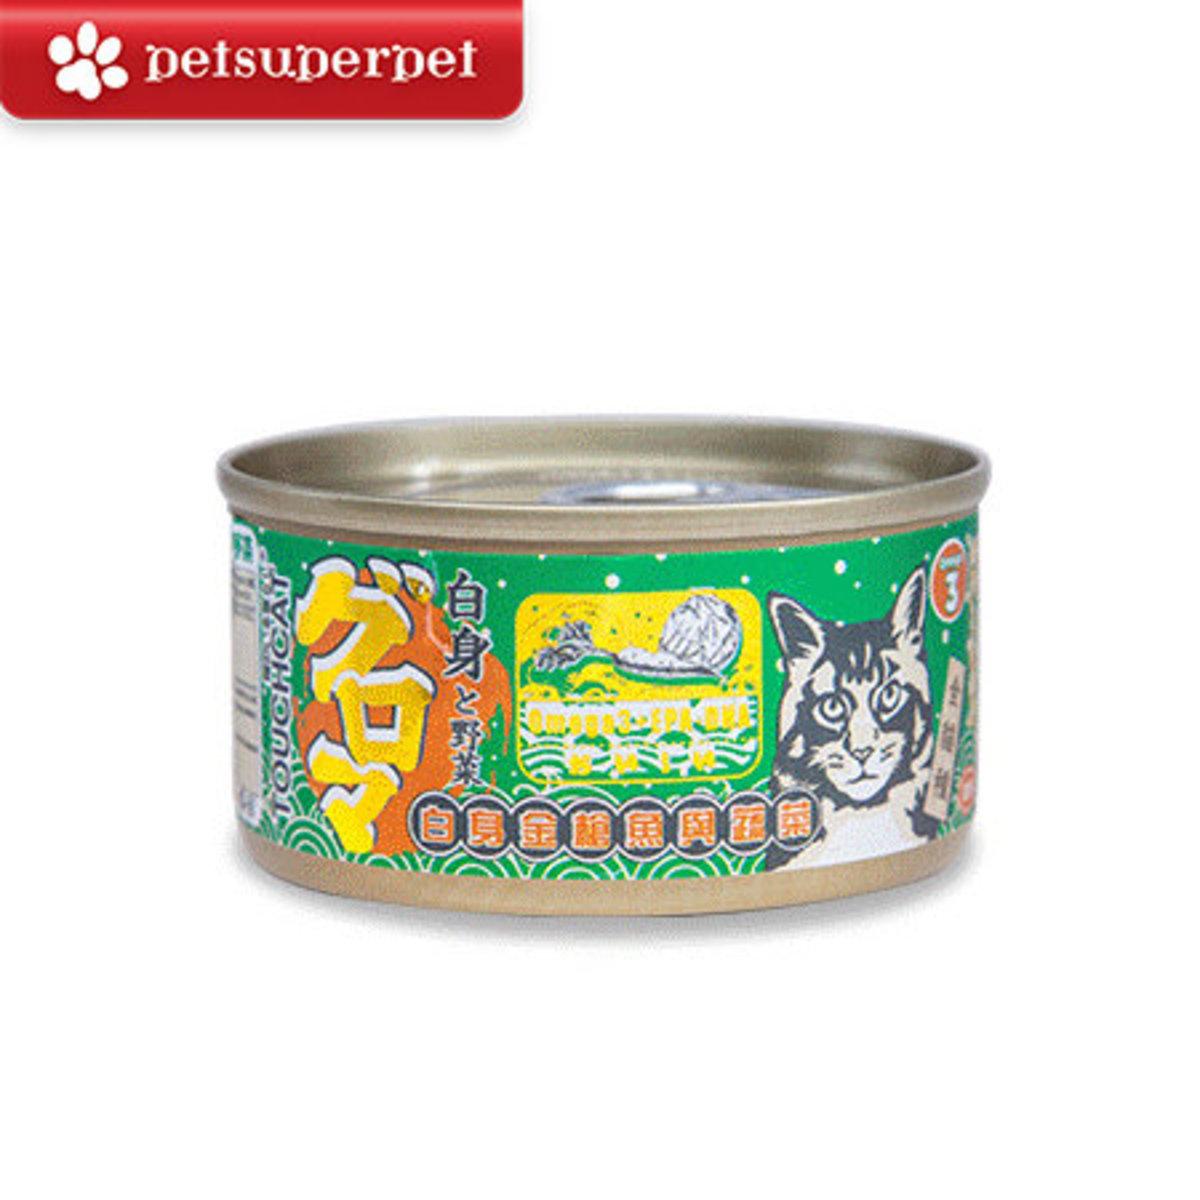 日本白身金槍魚與蔬菜 貓罐頭 (平行進口貨品) - 85g